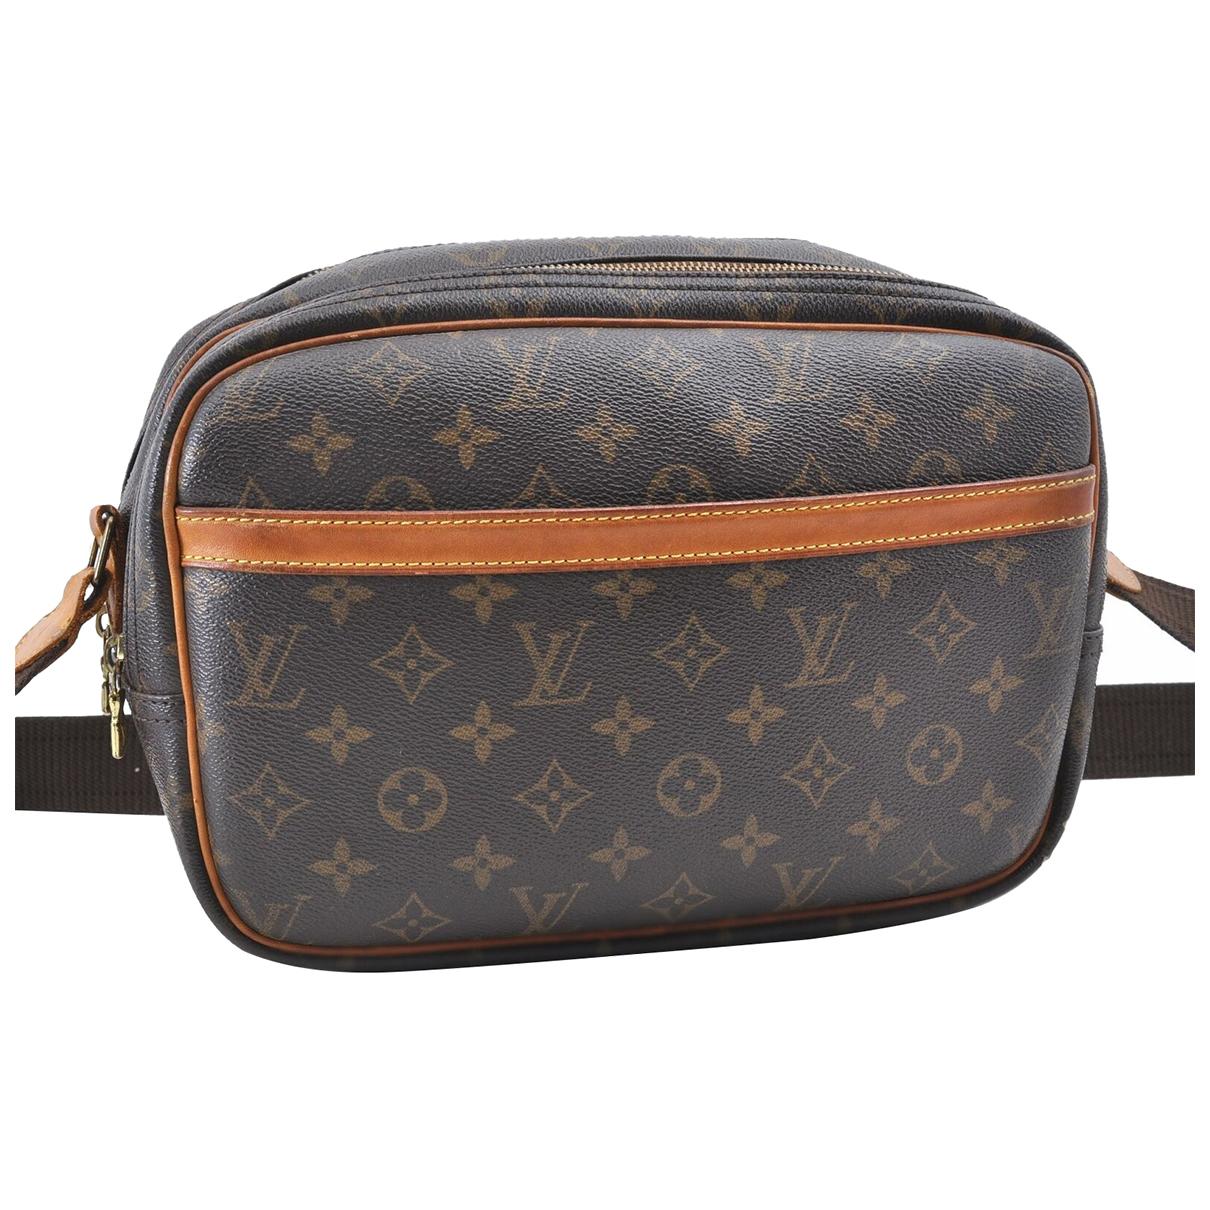 Louis Vuitton \N Handtasche in  Braun Leinen